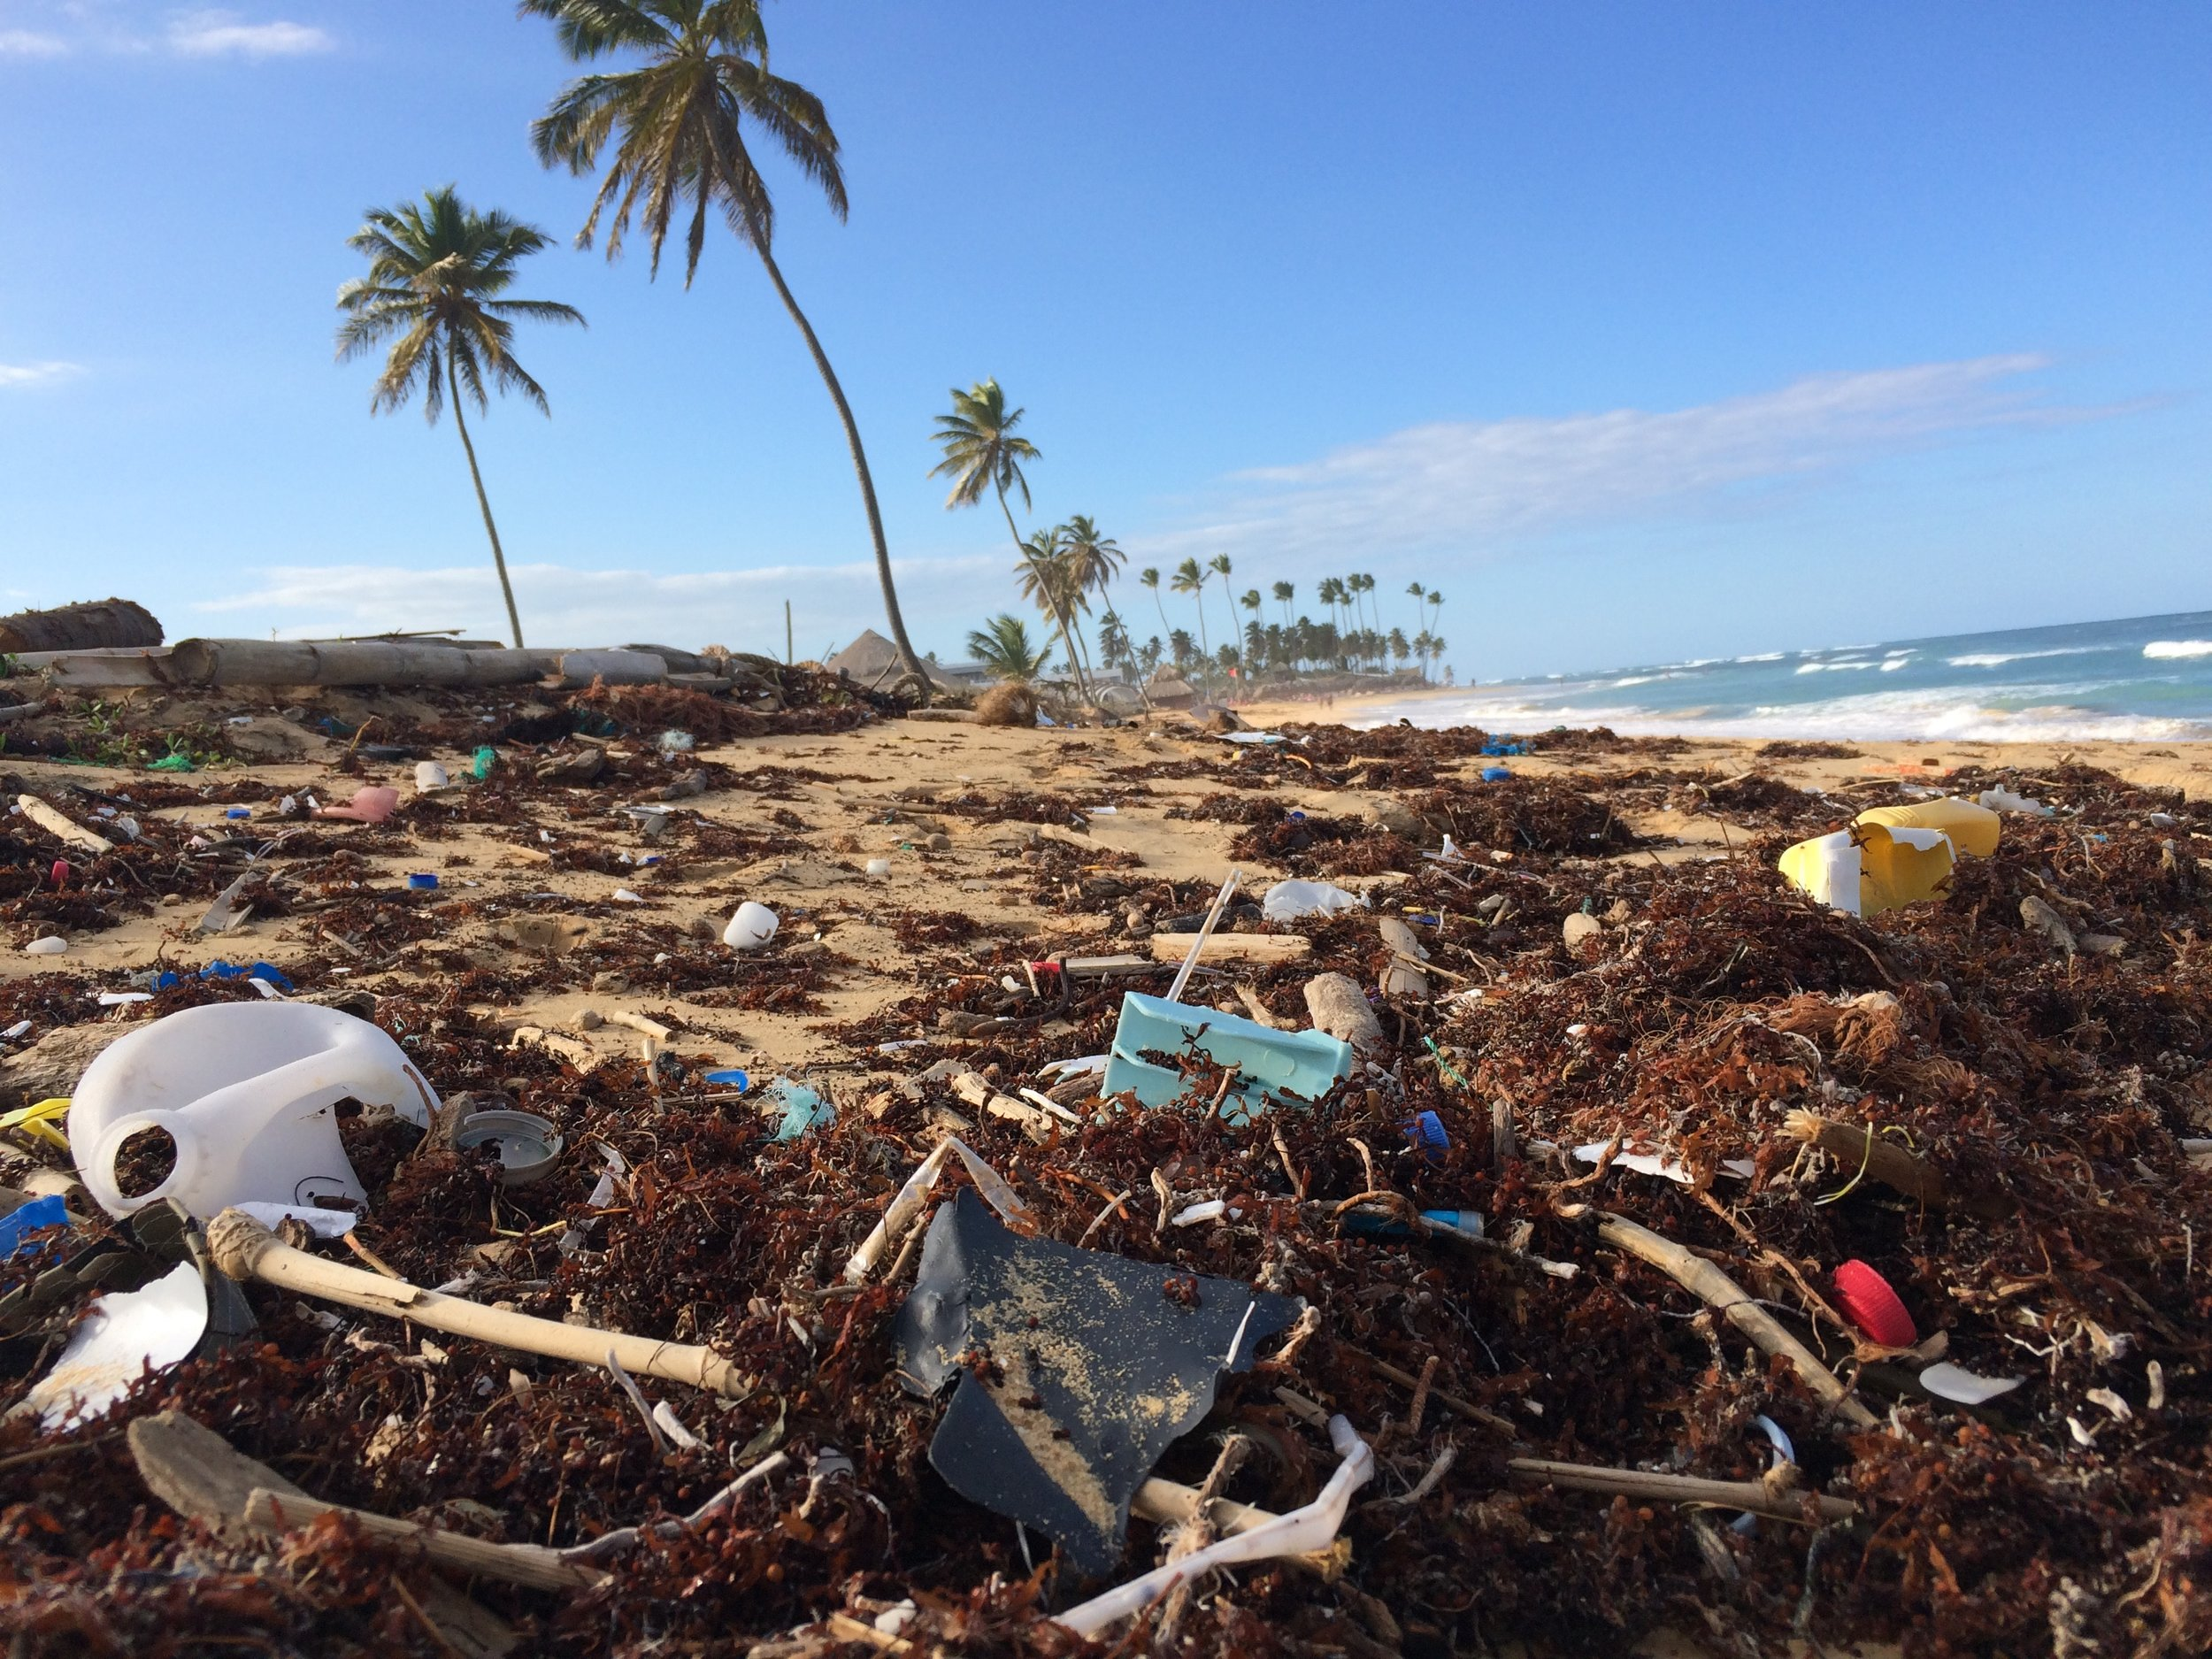 Una spiaggia di Punta Cana, Repubblica Domenica, invasa da rifiuti di plastica portati dal mare. Foto di Dustan Woodhouse.